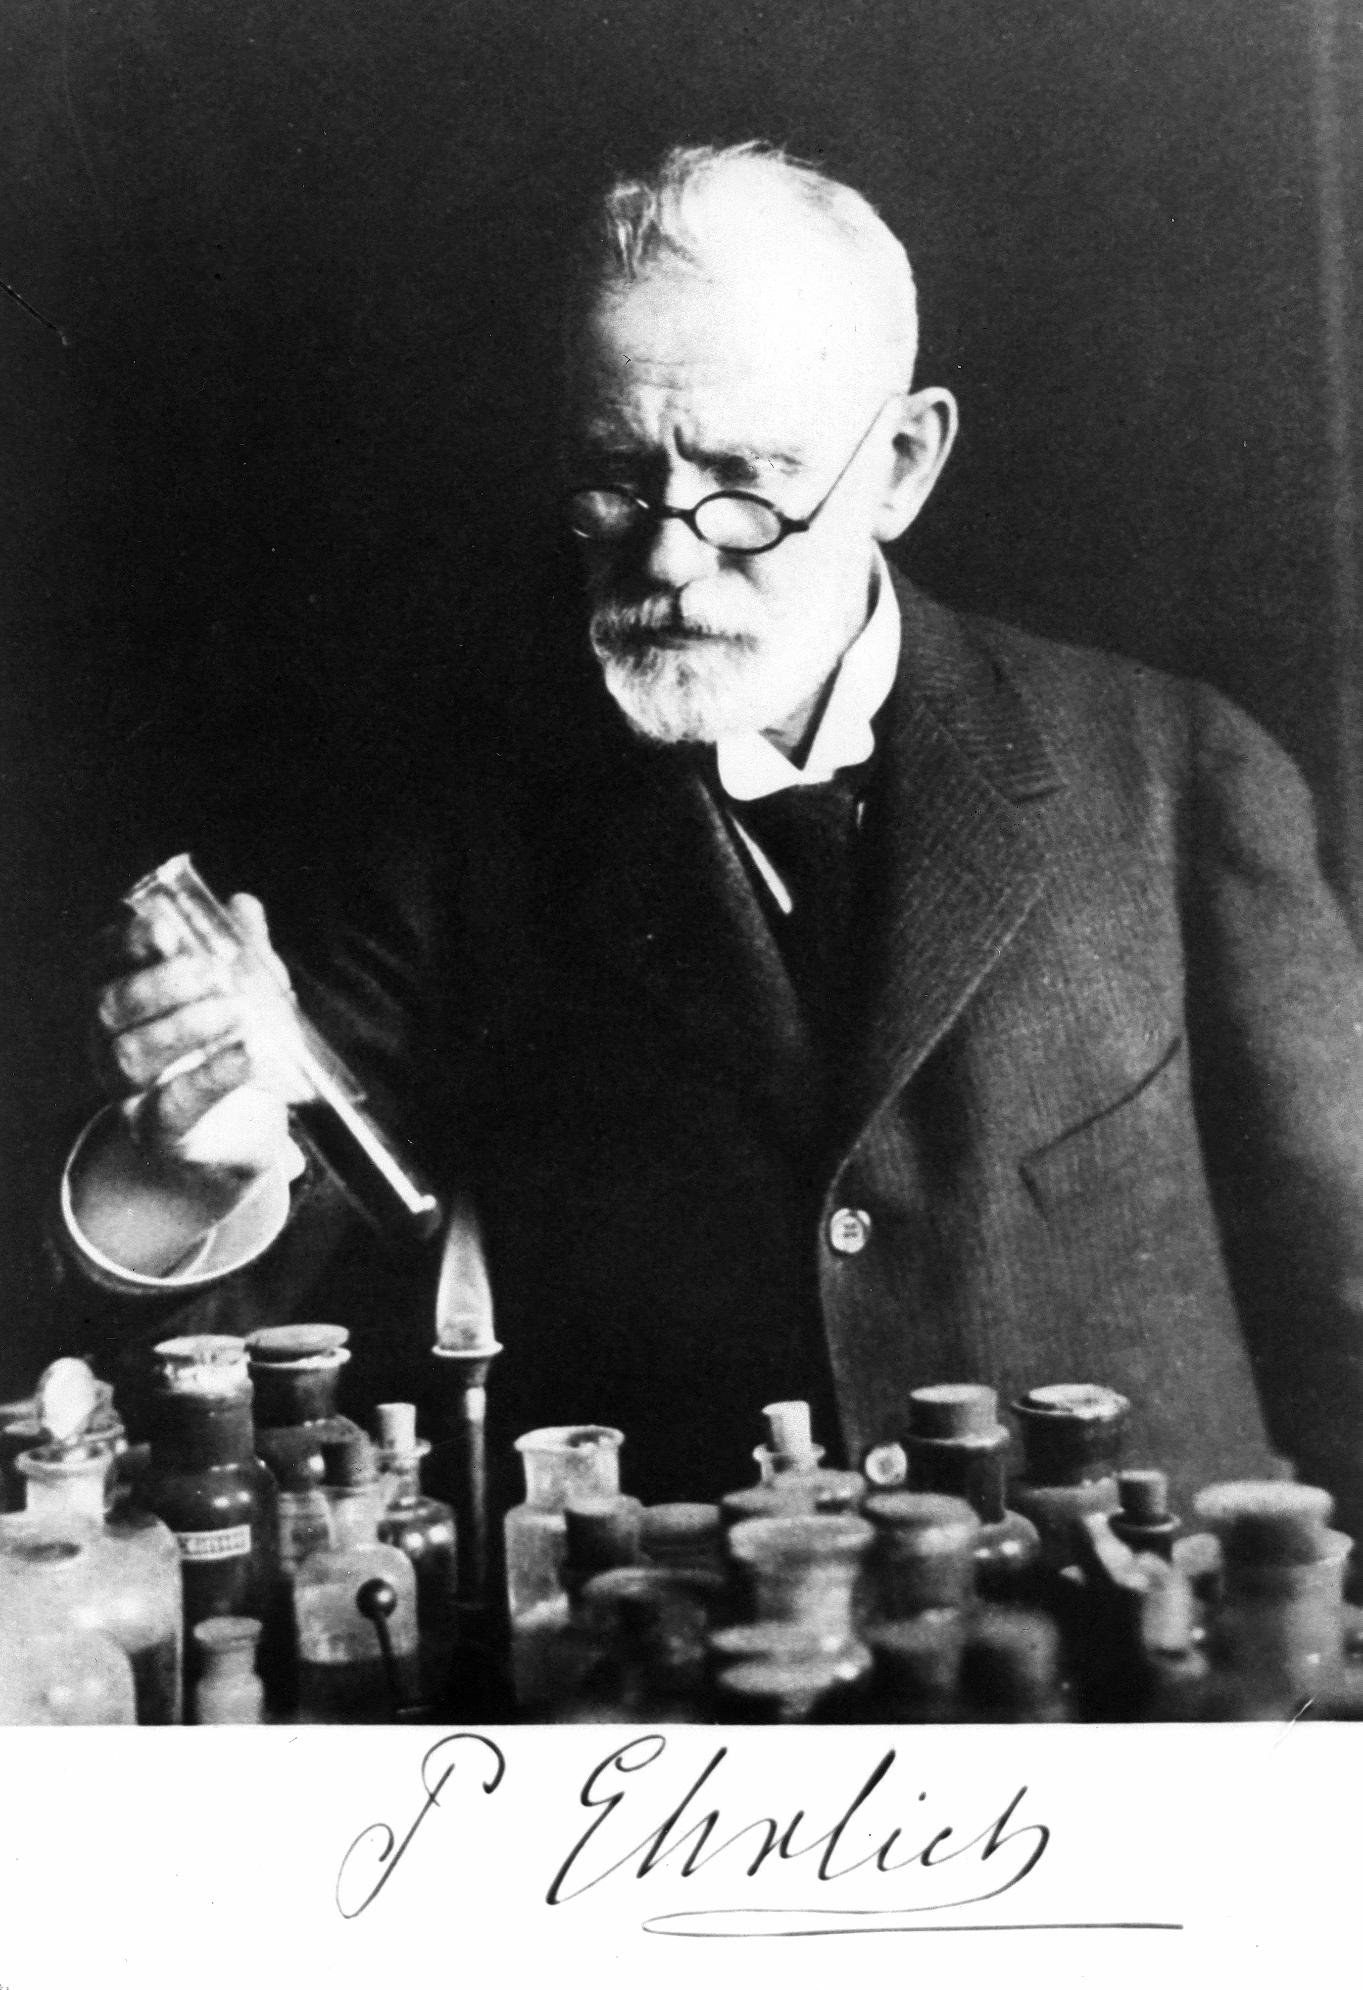 Dr. Ehrlich Charite